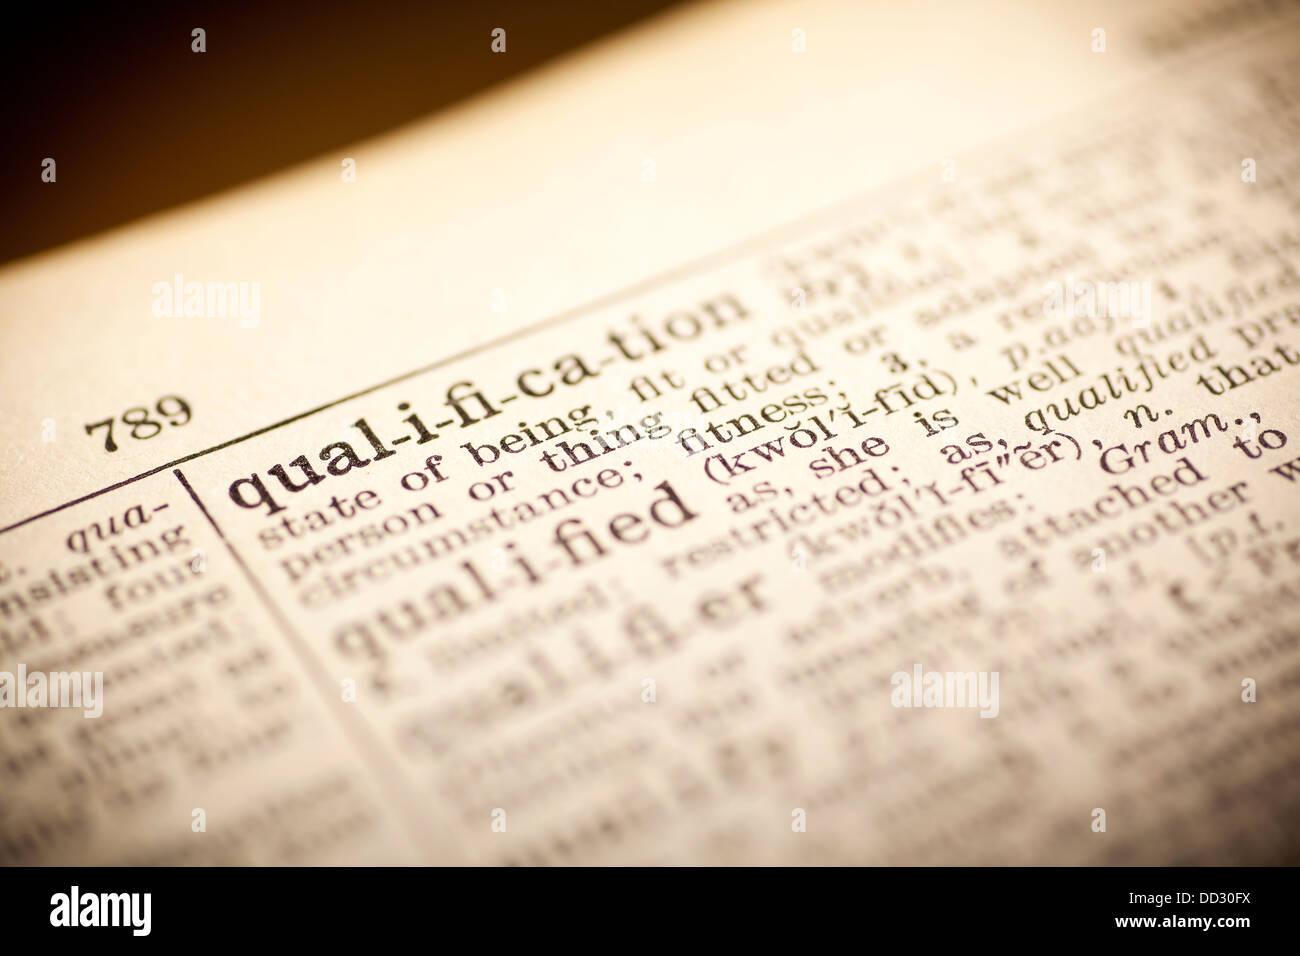 Calificación de palabras del diccionario Imagen De Stock